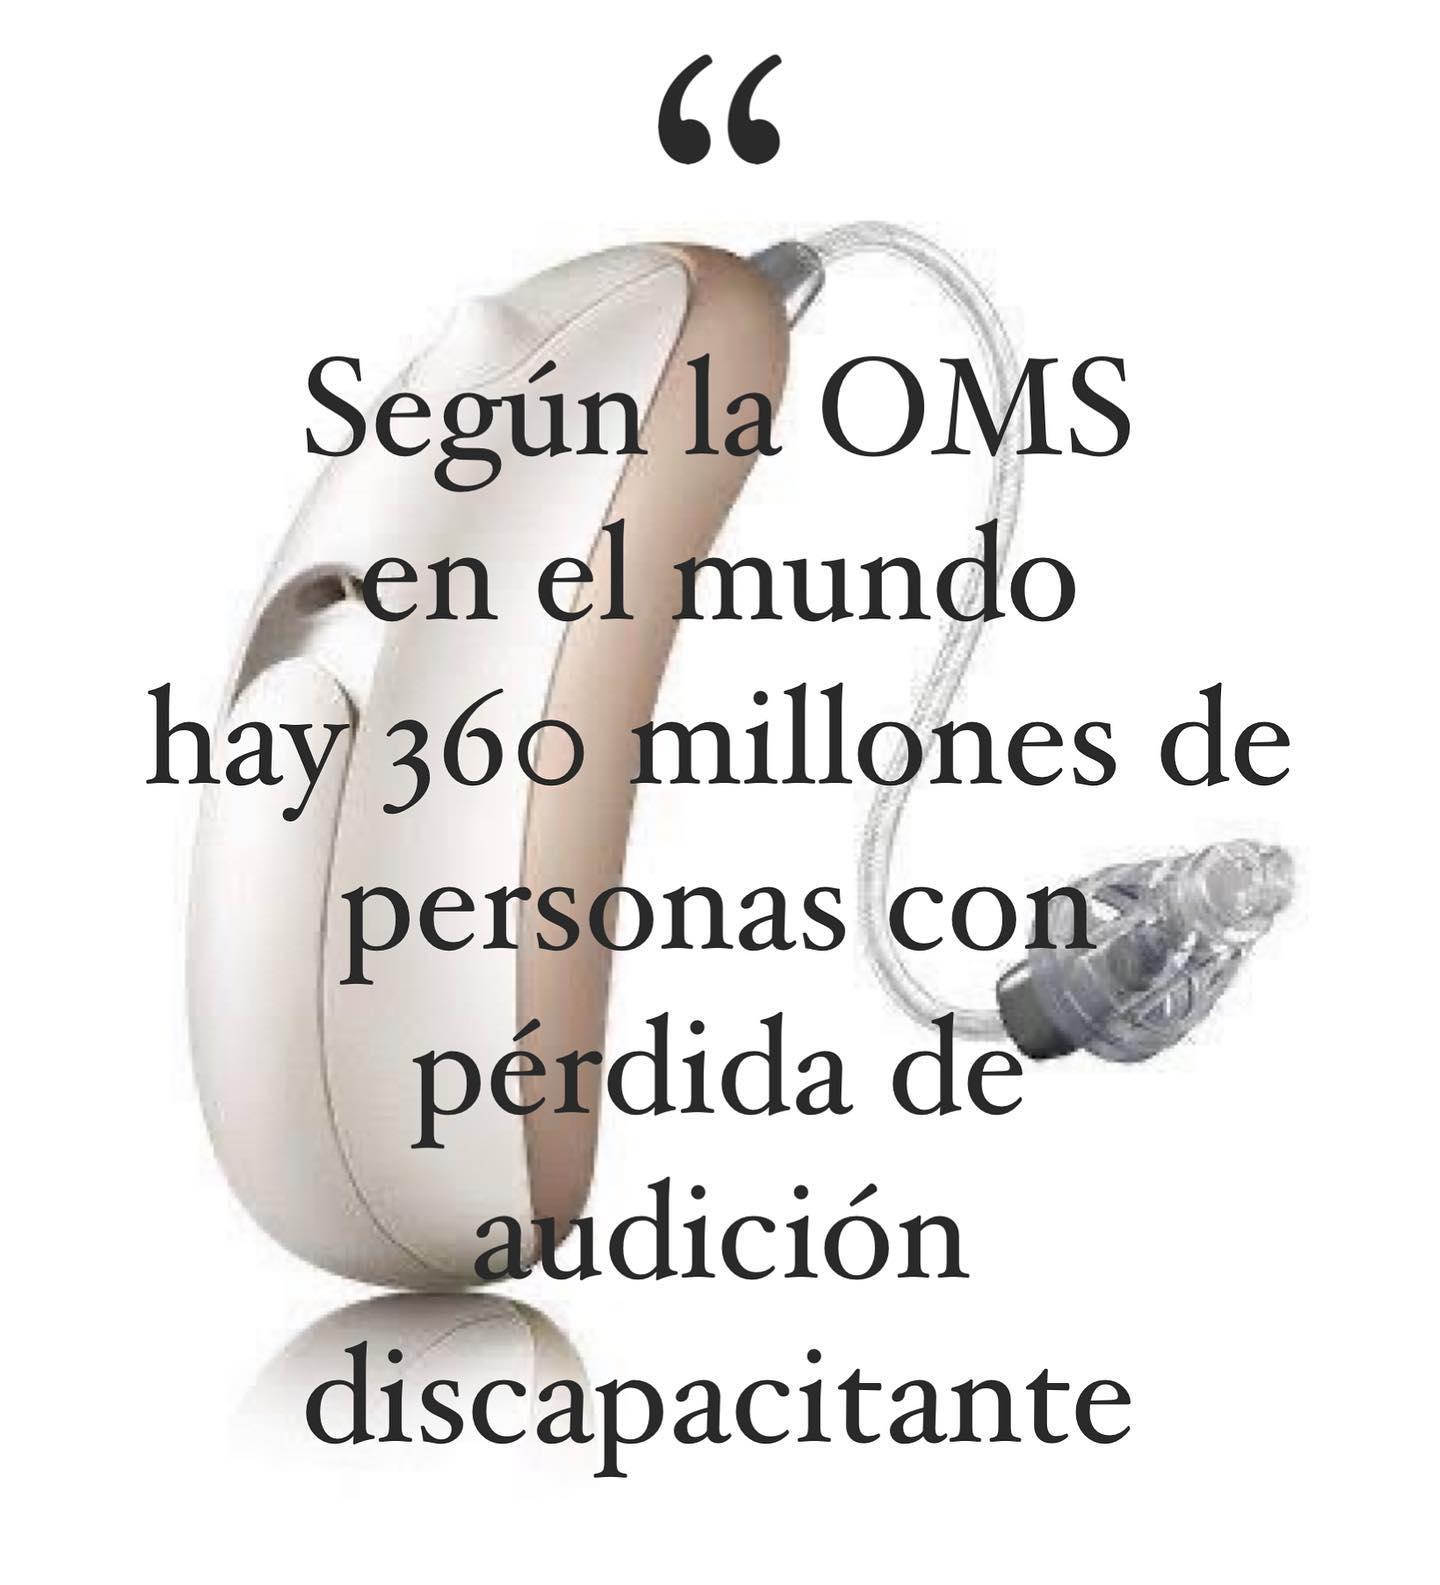 En el mundo existen 360 millones de personas con pérdida auditiva